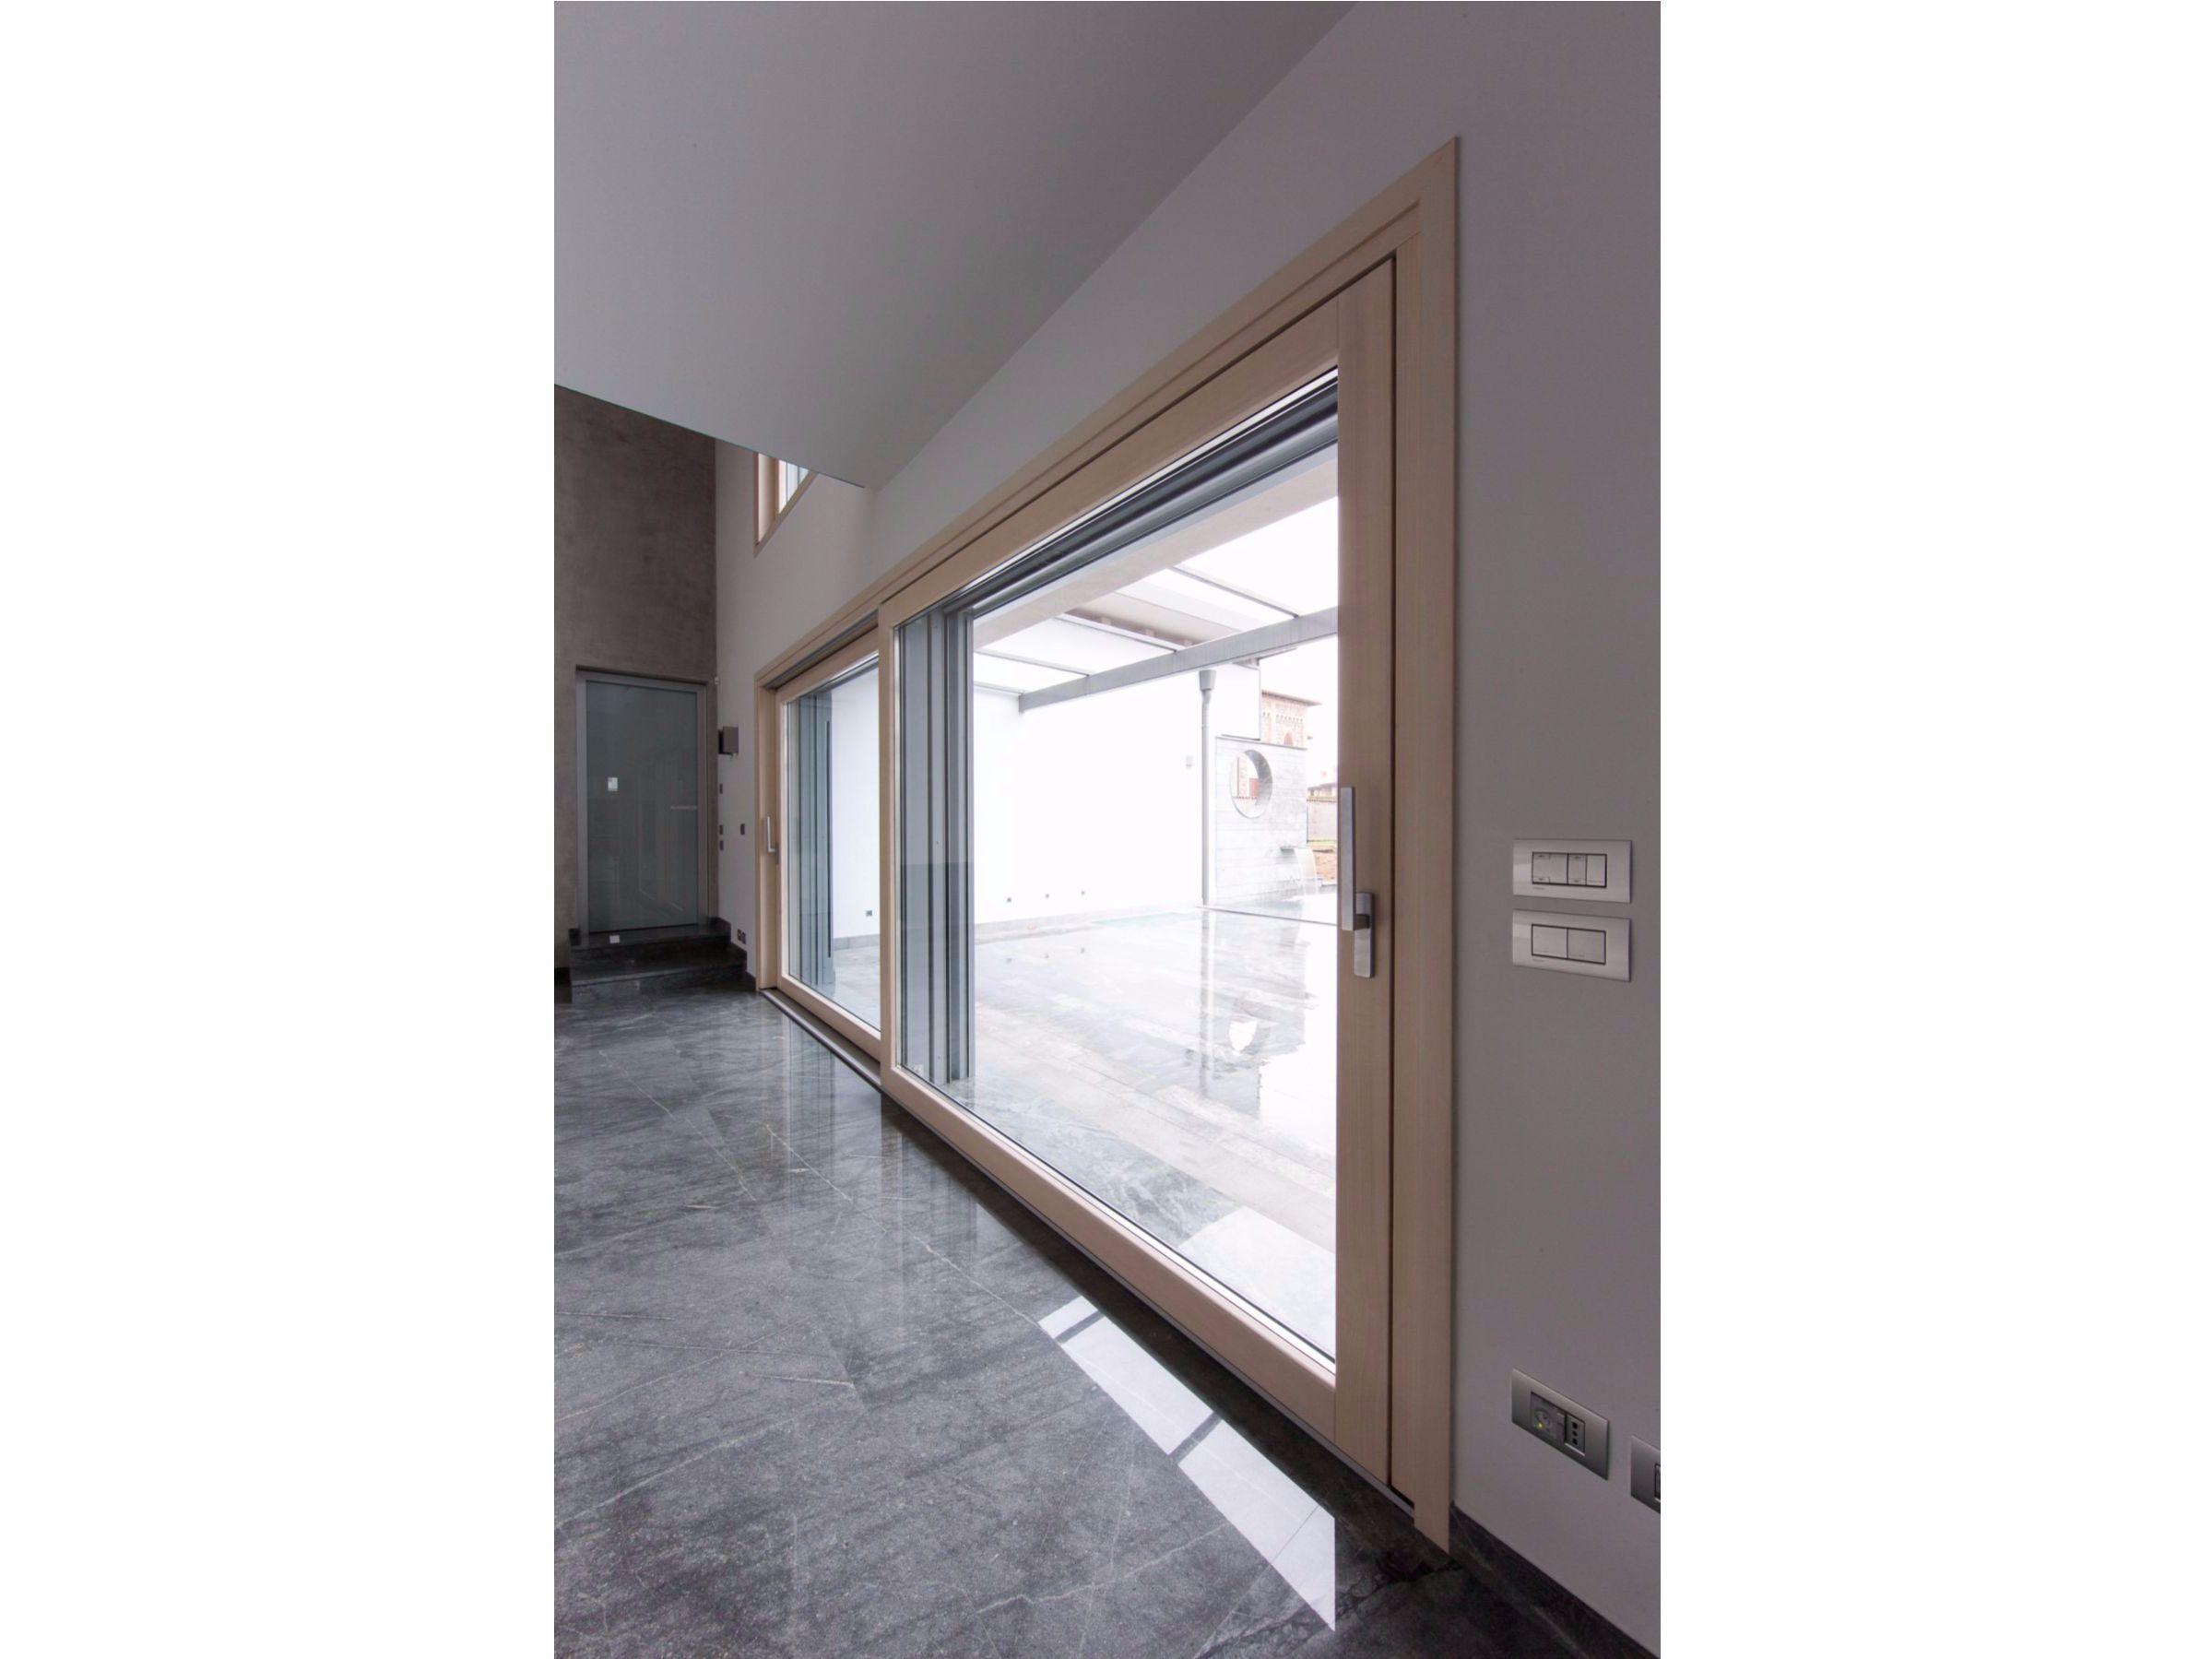 Porta finestra scorrevole complanare in alluminio e legno - Finestre scorrevoli in vetro ...